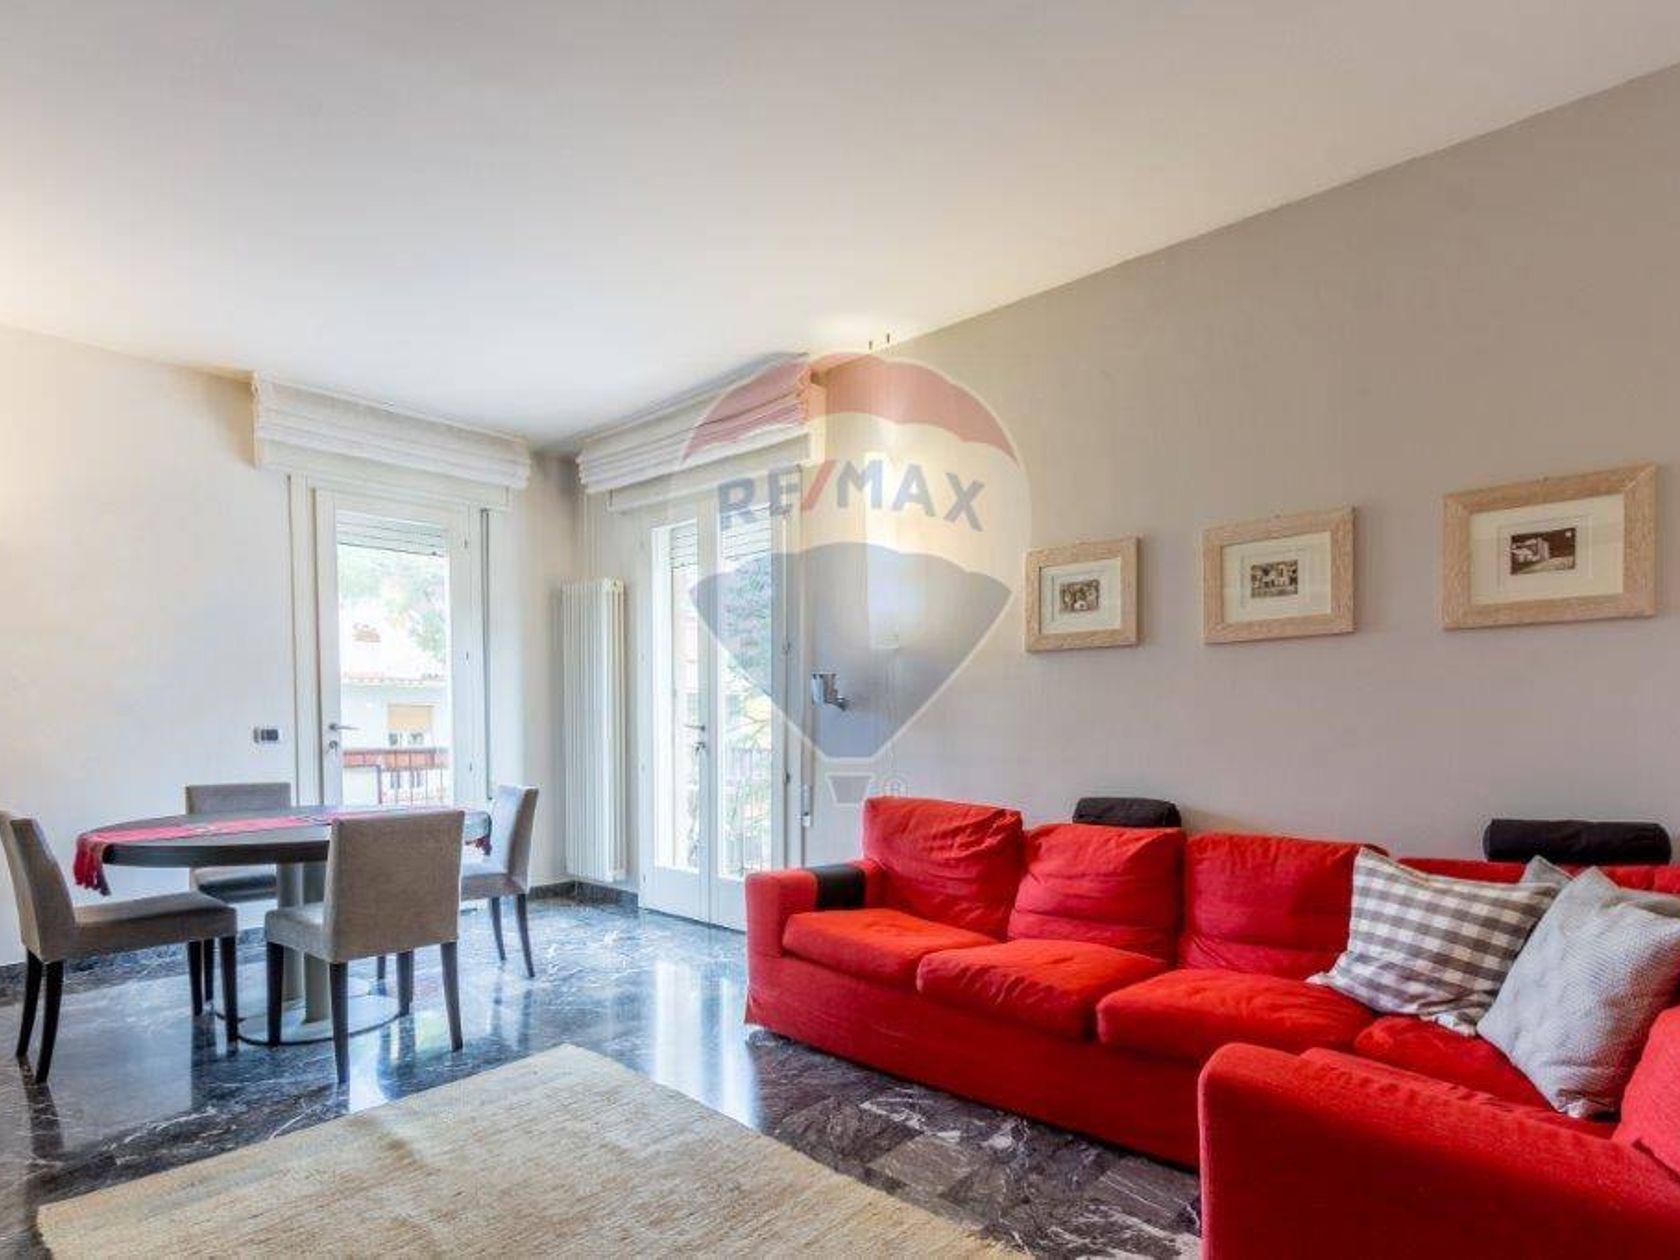 Appartamento Guizza, Padova, PD Vendita